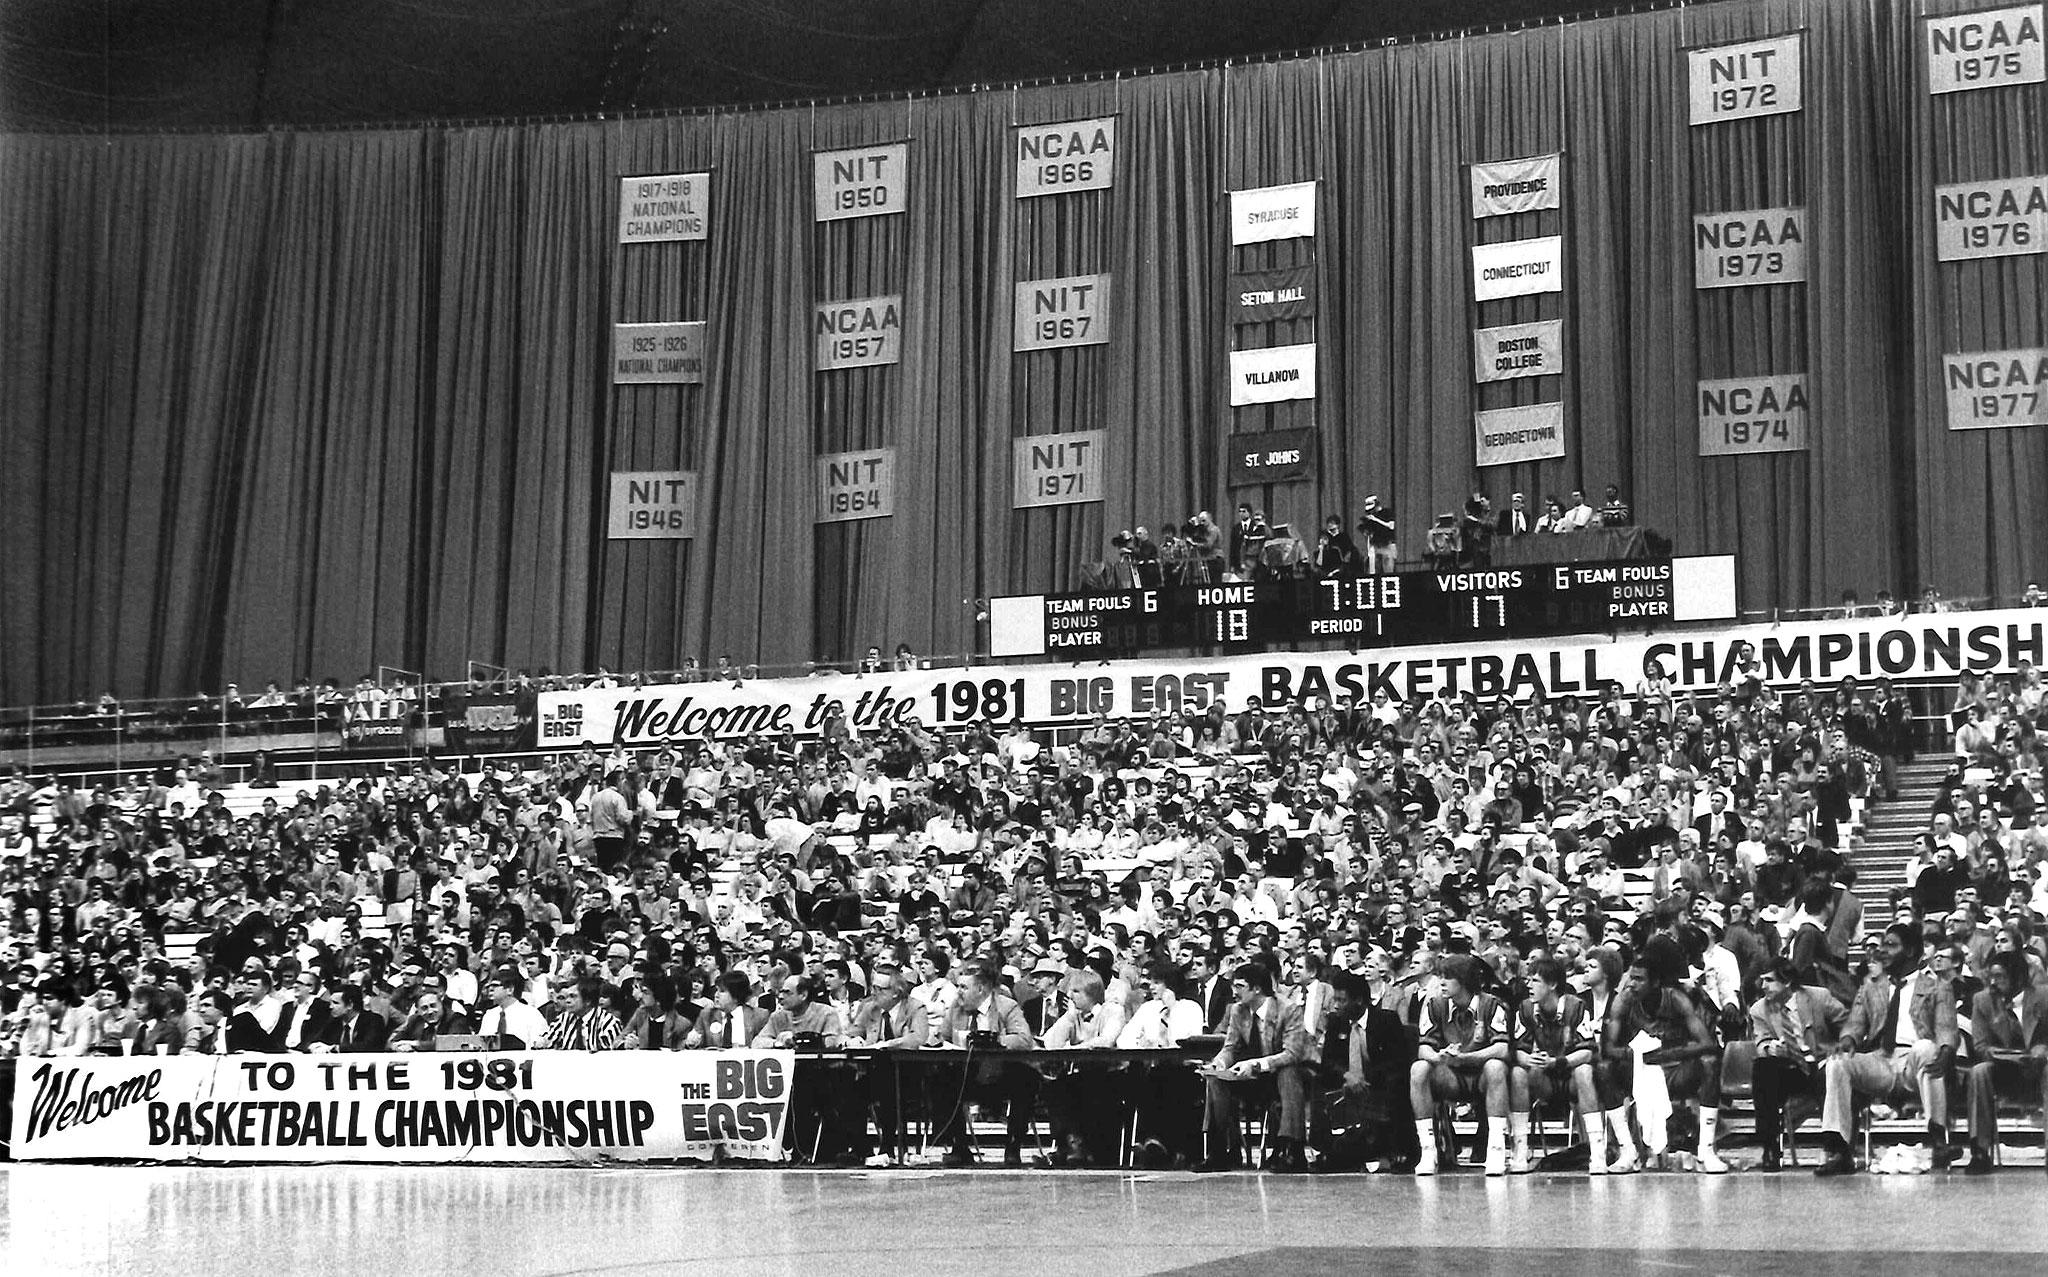 1981 Big East Championship.